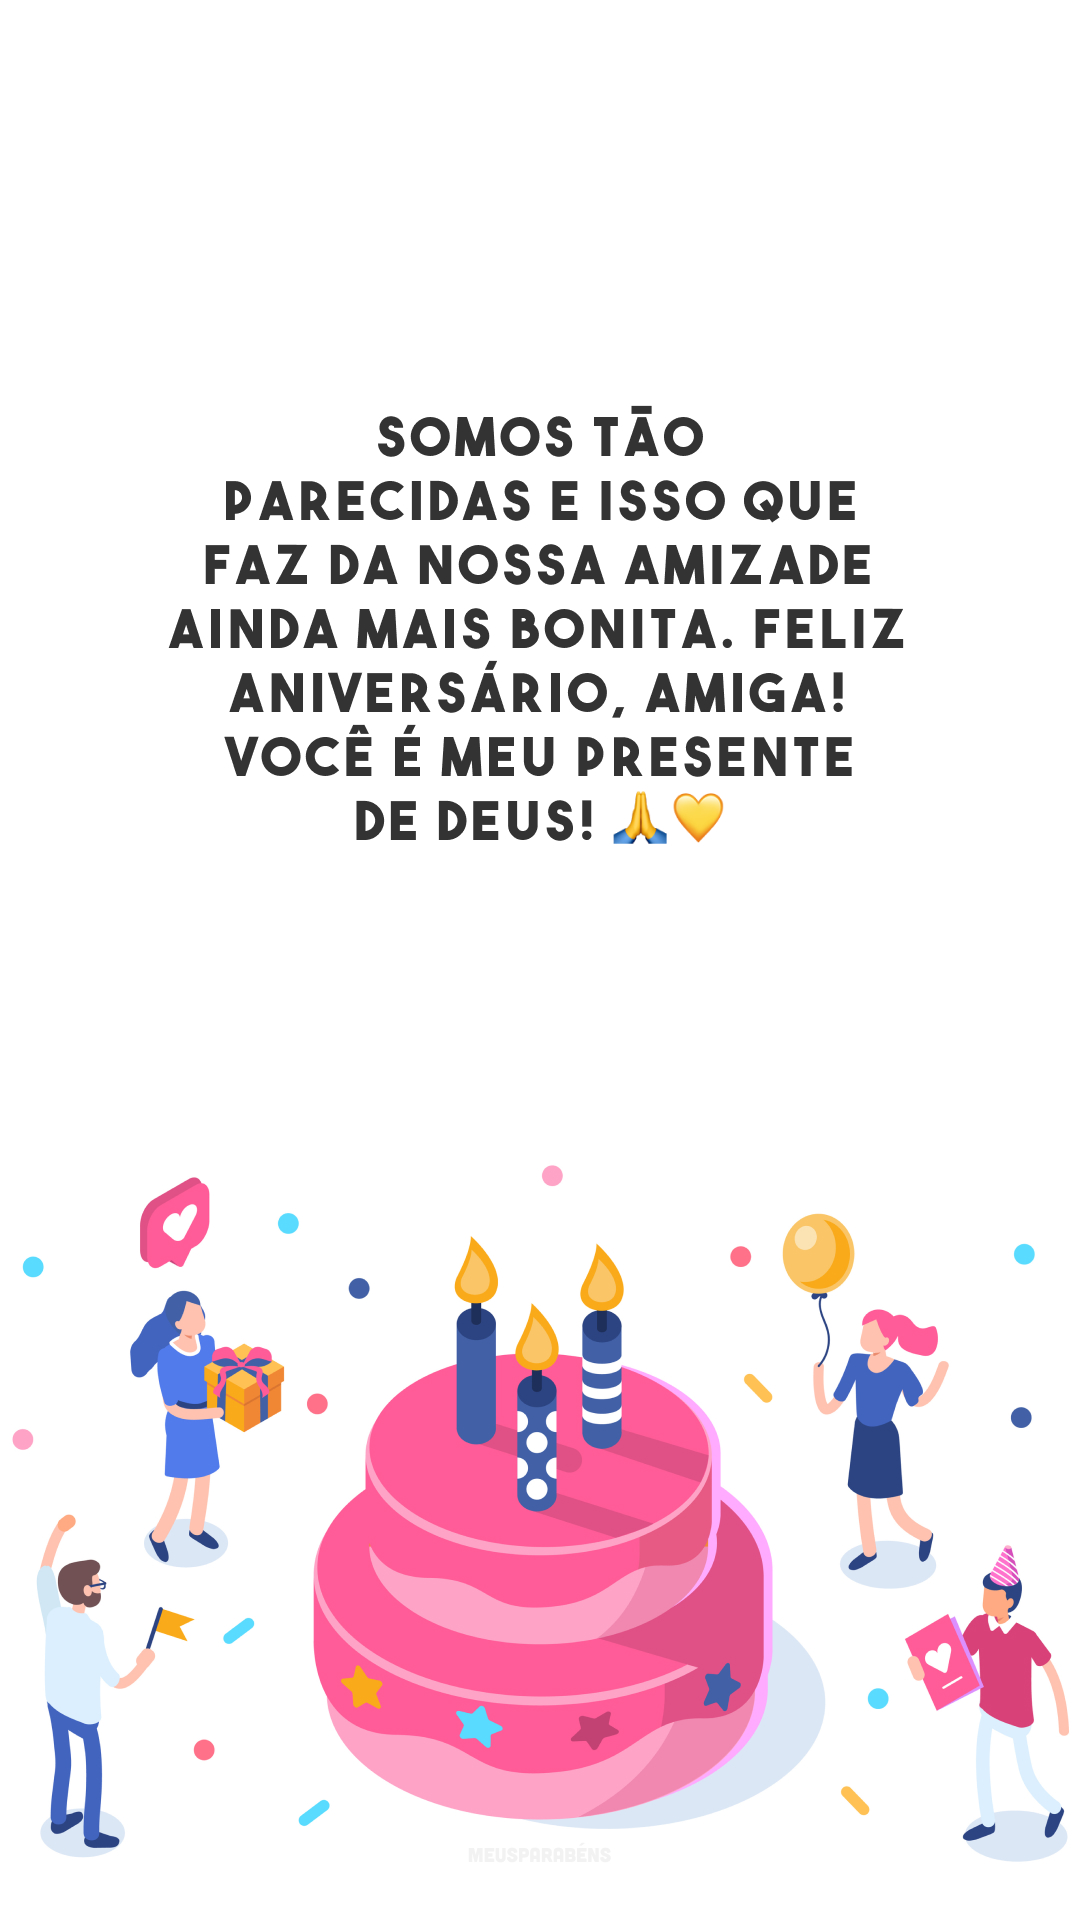 Somos tão parecidas e isso que faz da nossa amizade ainda mais bonita. Feliz aniversário, amiga! Você é meu presente de Deus! 🙏💛